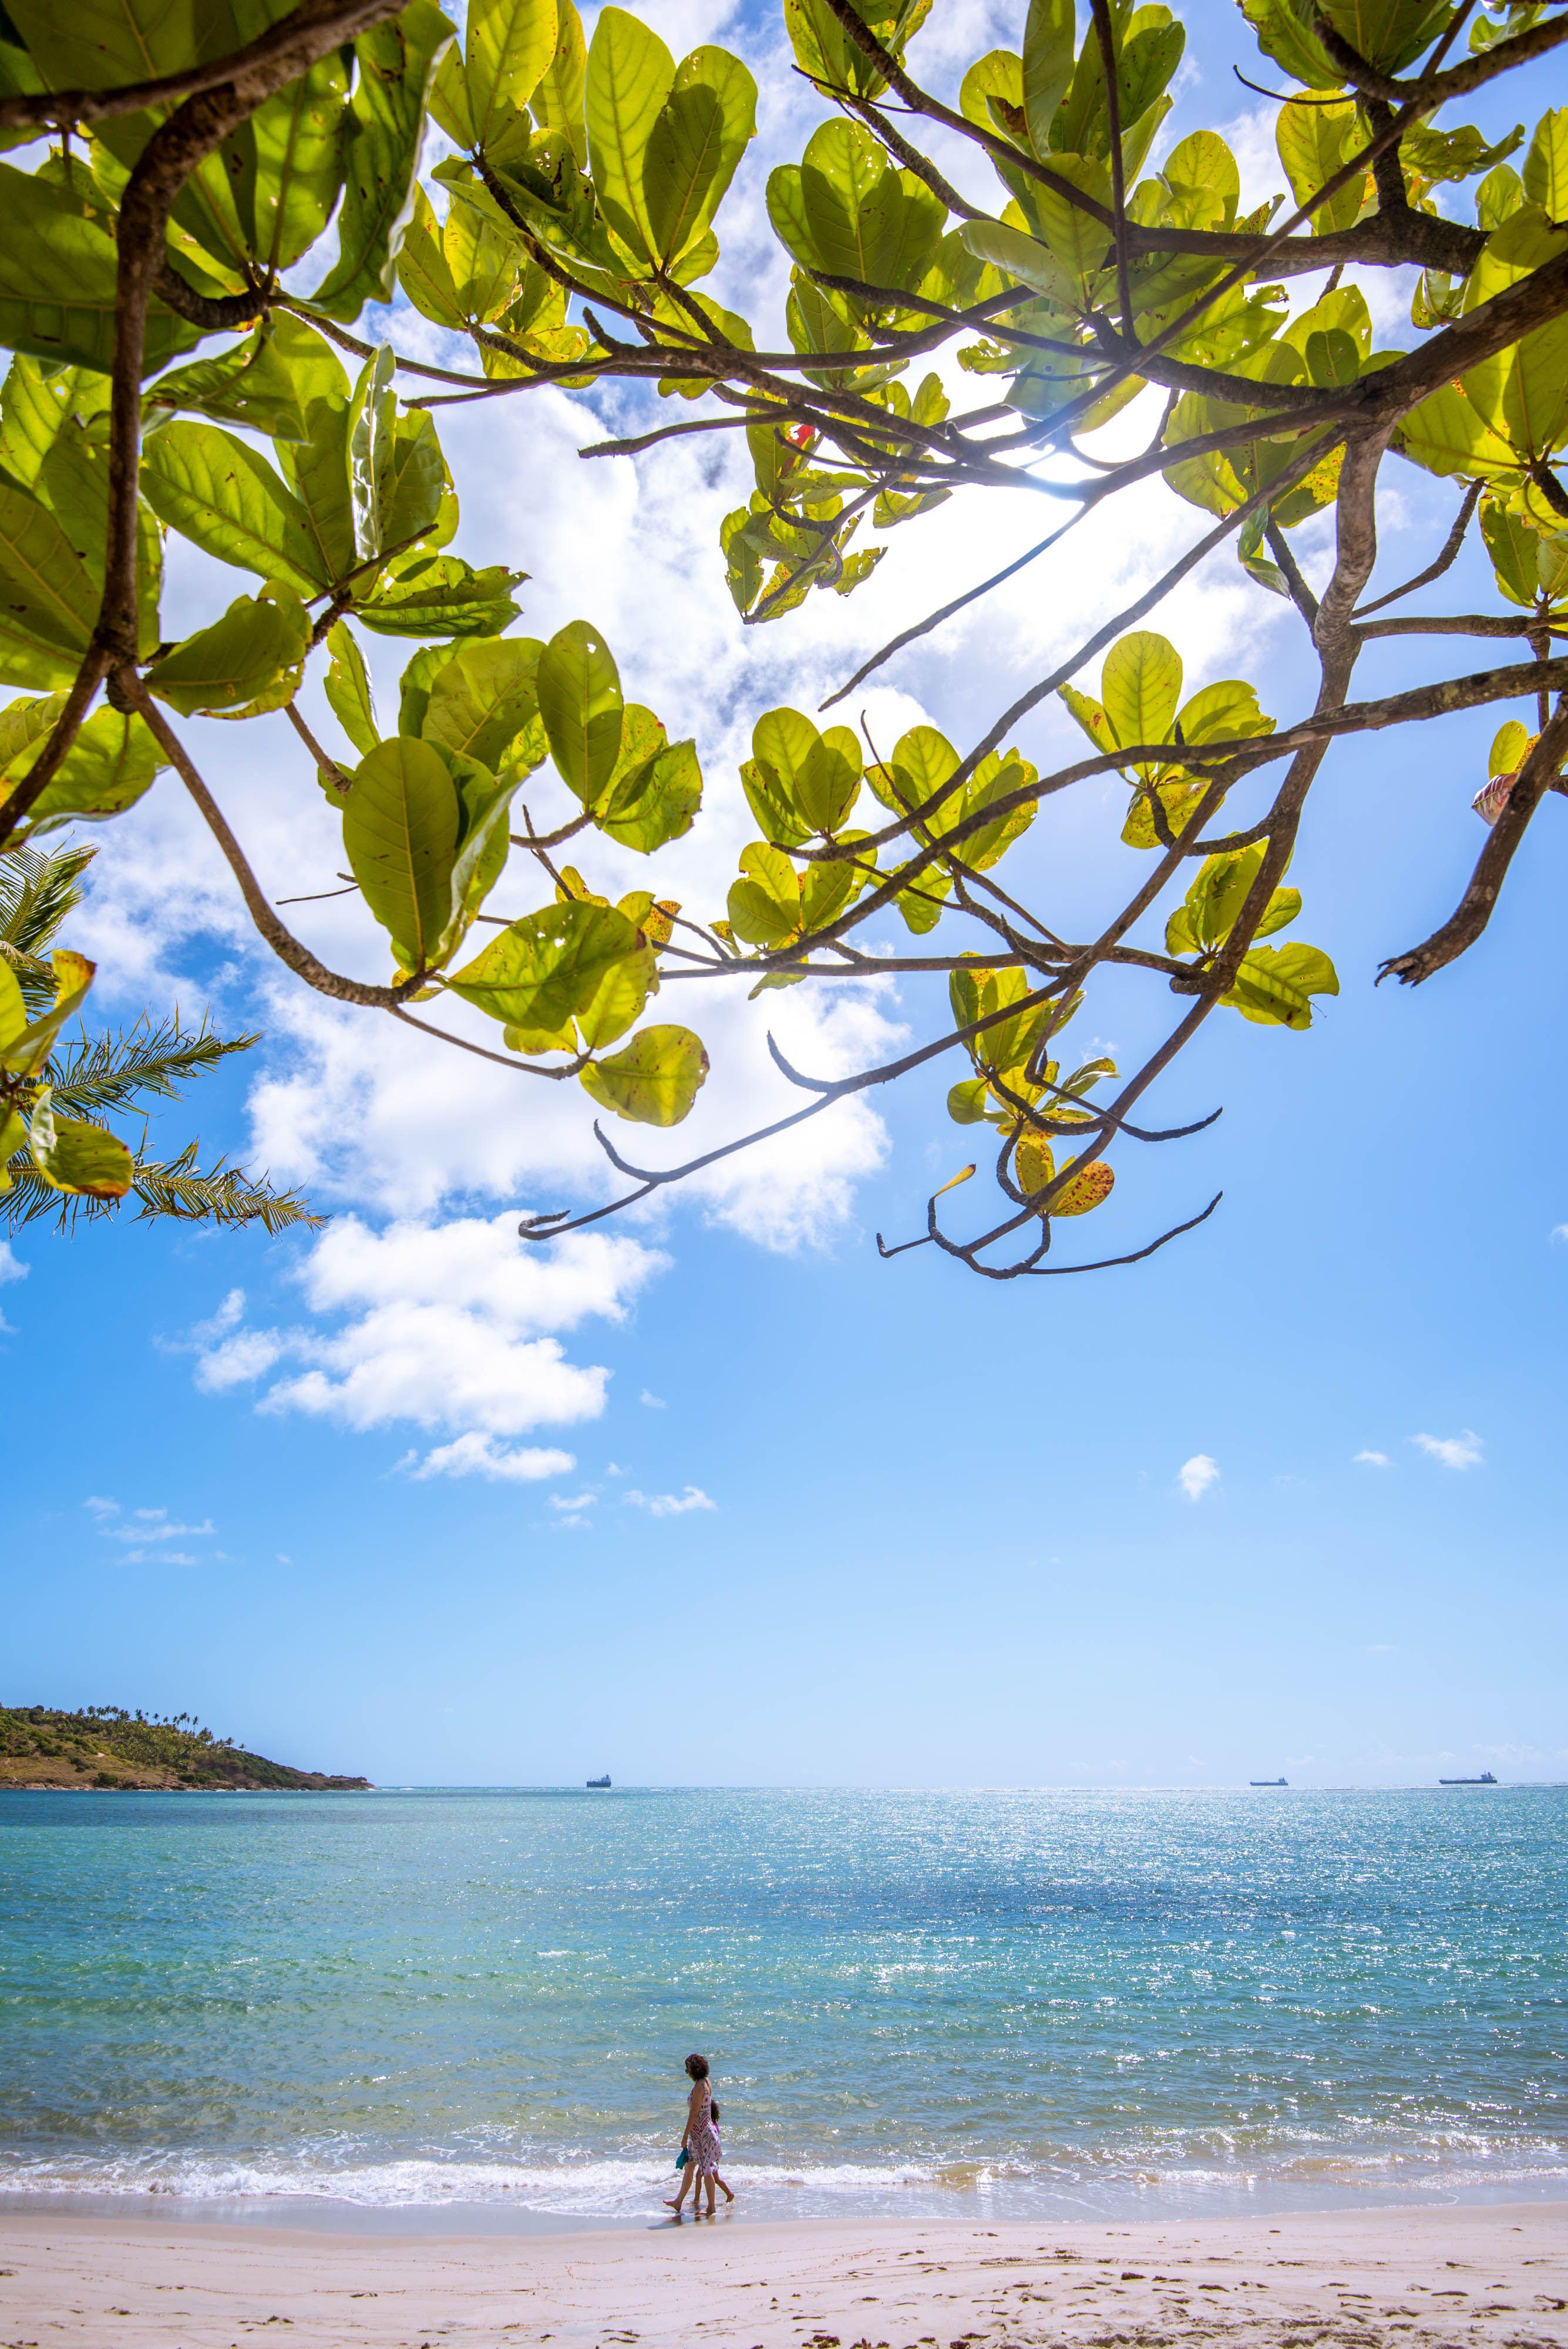 Passeios Na Praia Vila Gale Eco Resort Cabo Pernambuco Brasil